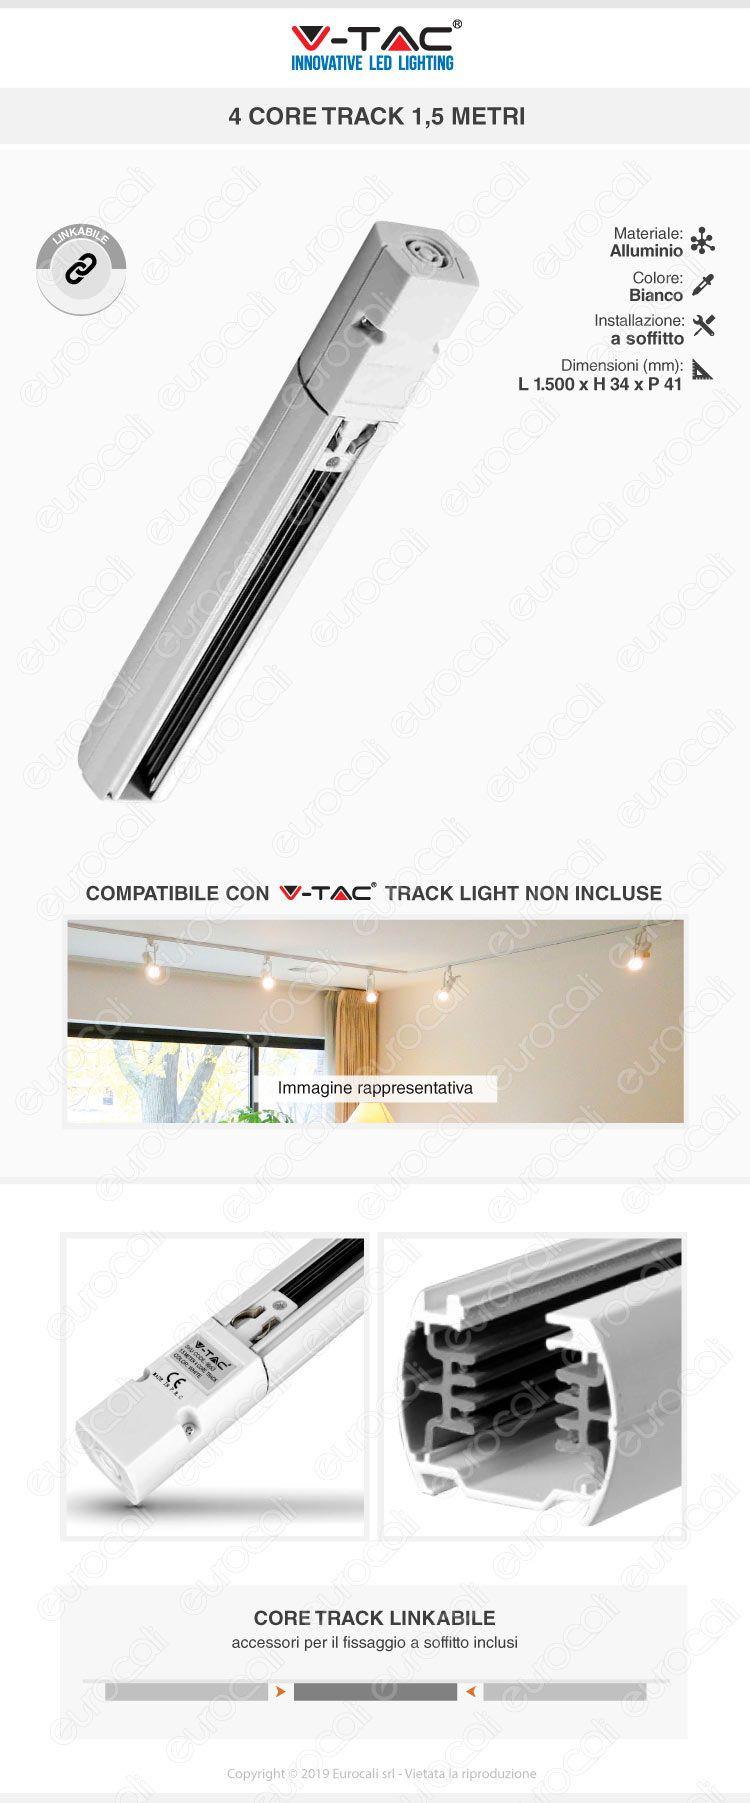 V-Tac PRO VT-7-42LN Coppia di Lampade LED Raccordo a Incasso Linear Light 10W Chip Samsung White Body